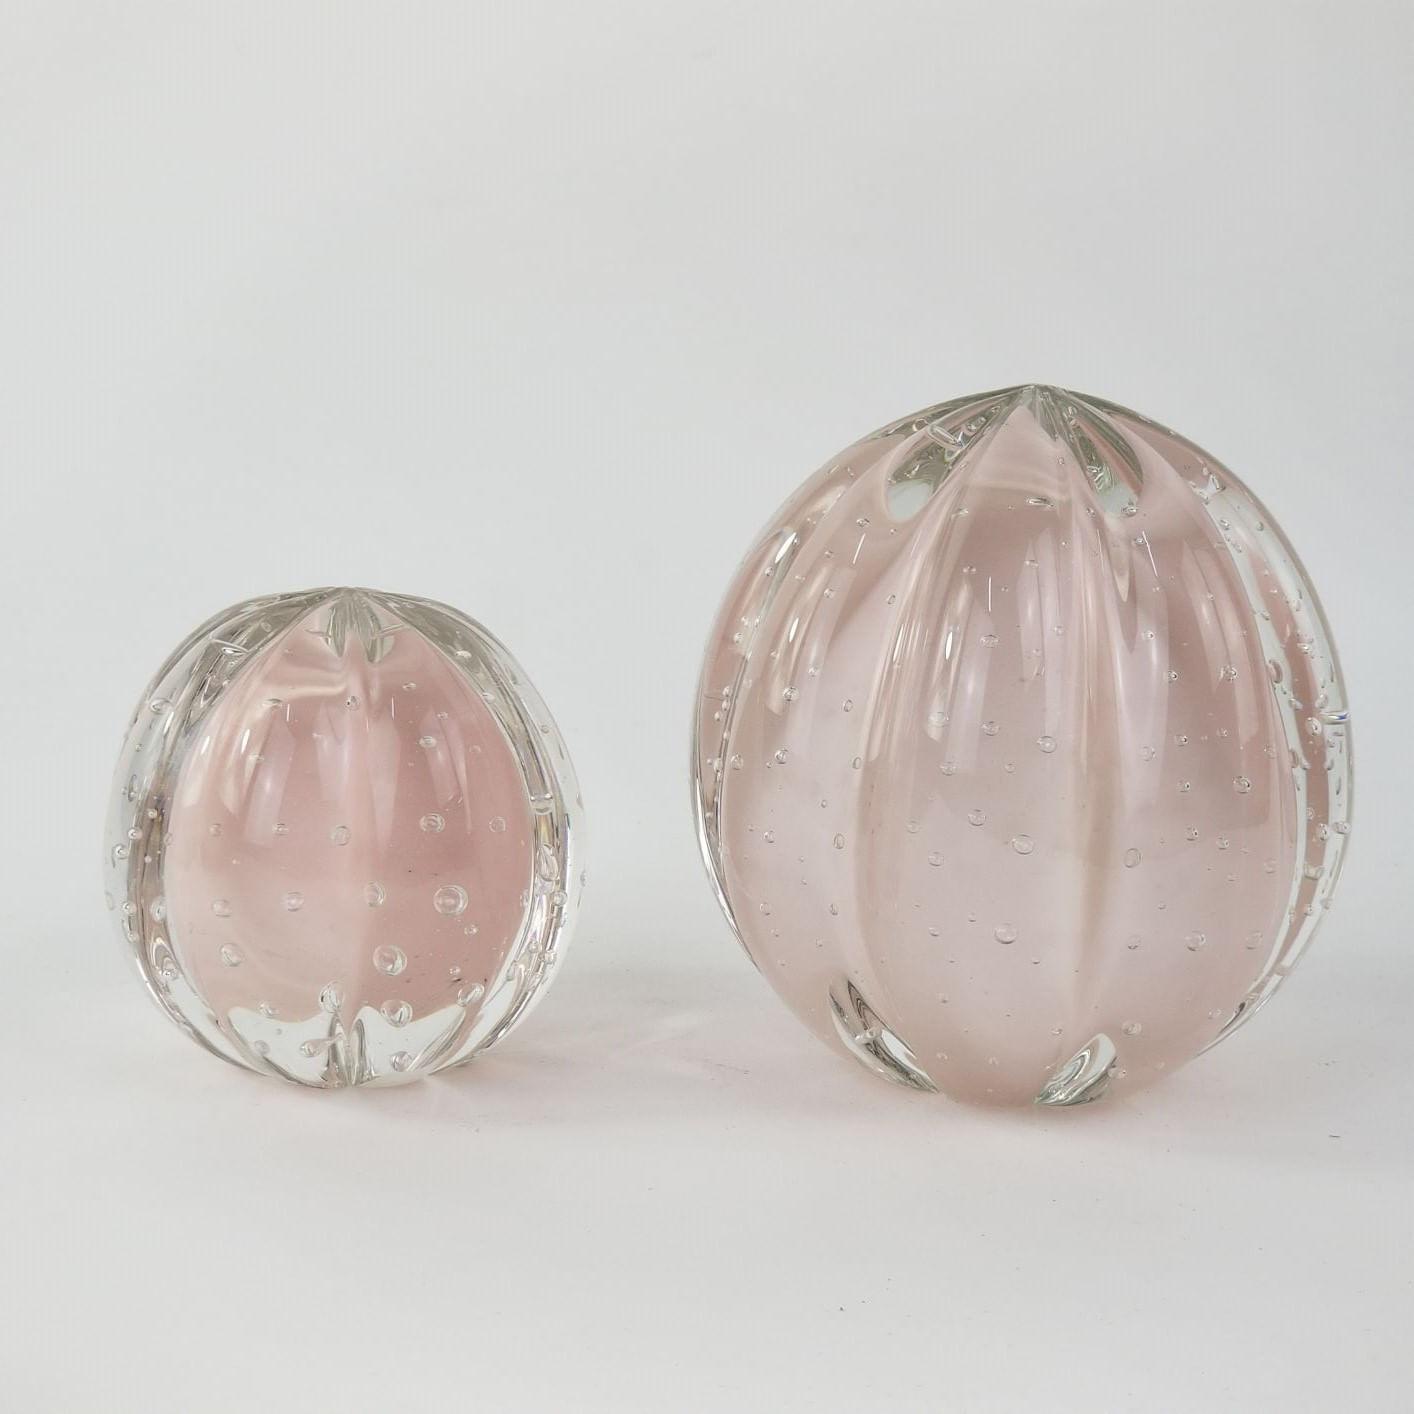 Kit Pesos de Cristal Murano Labone Cor Jade Rosa (2 Peças)